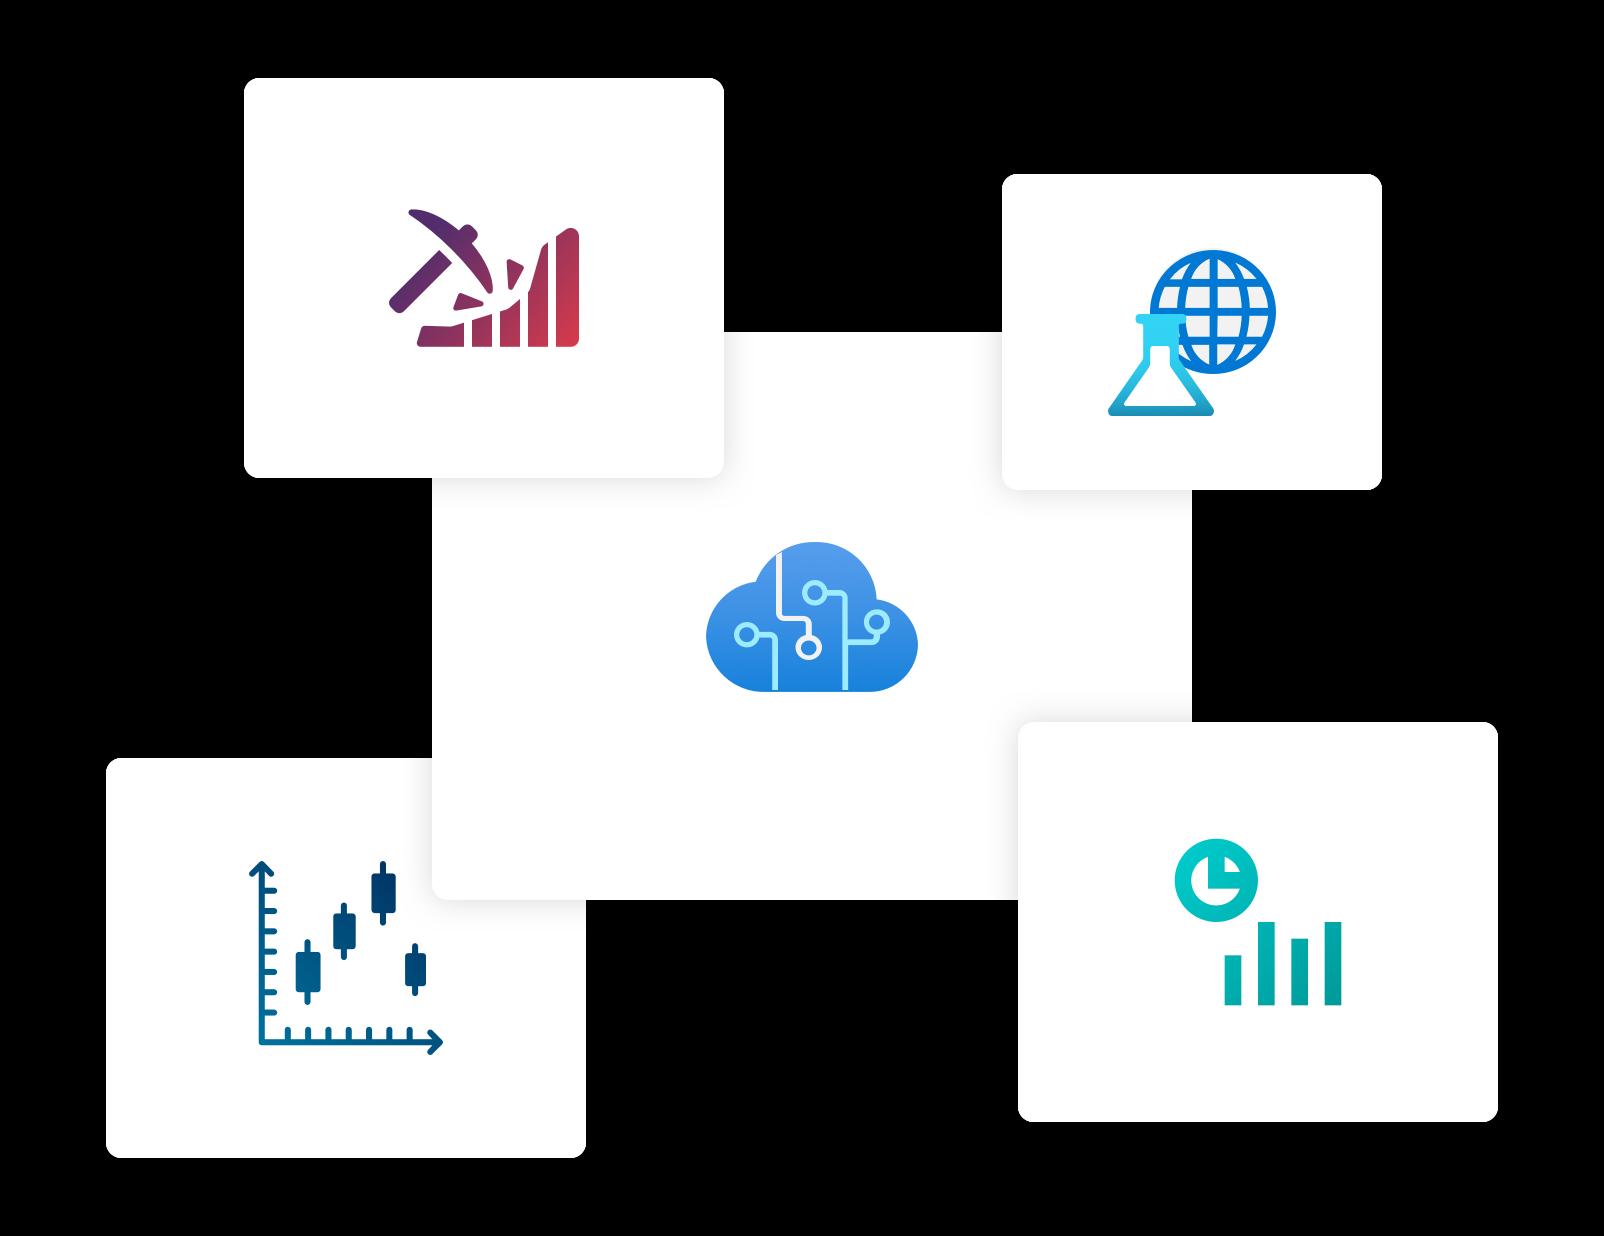 Azure-Data-Engineering-Analytics-Graphic-01@2x